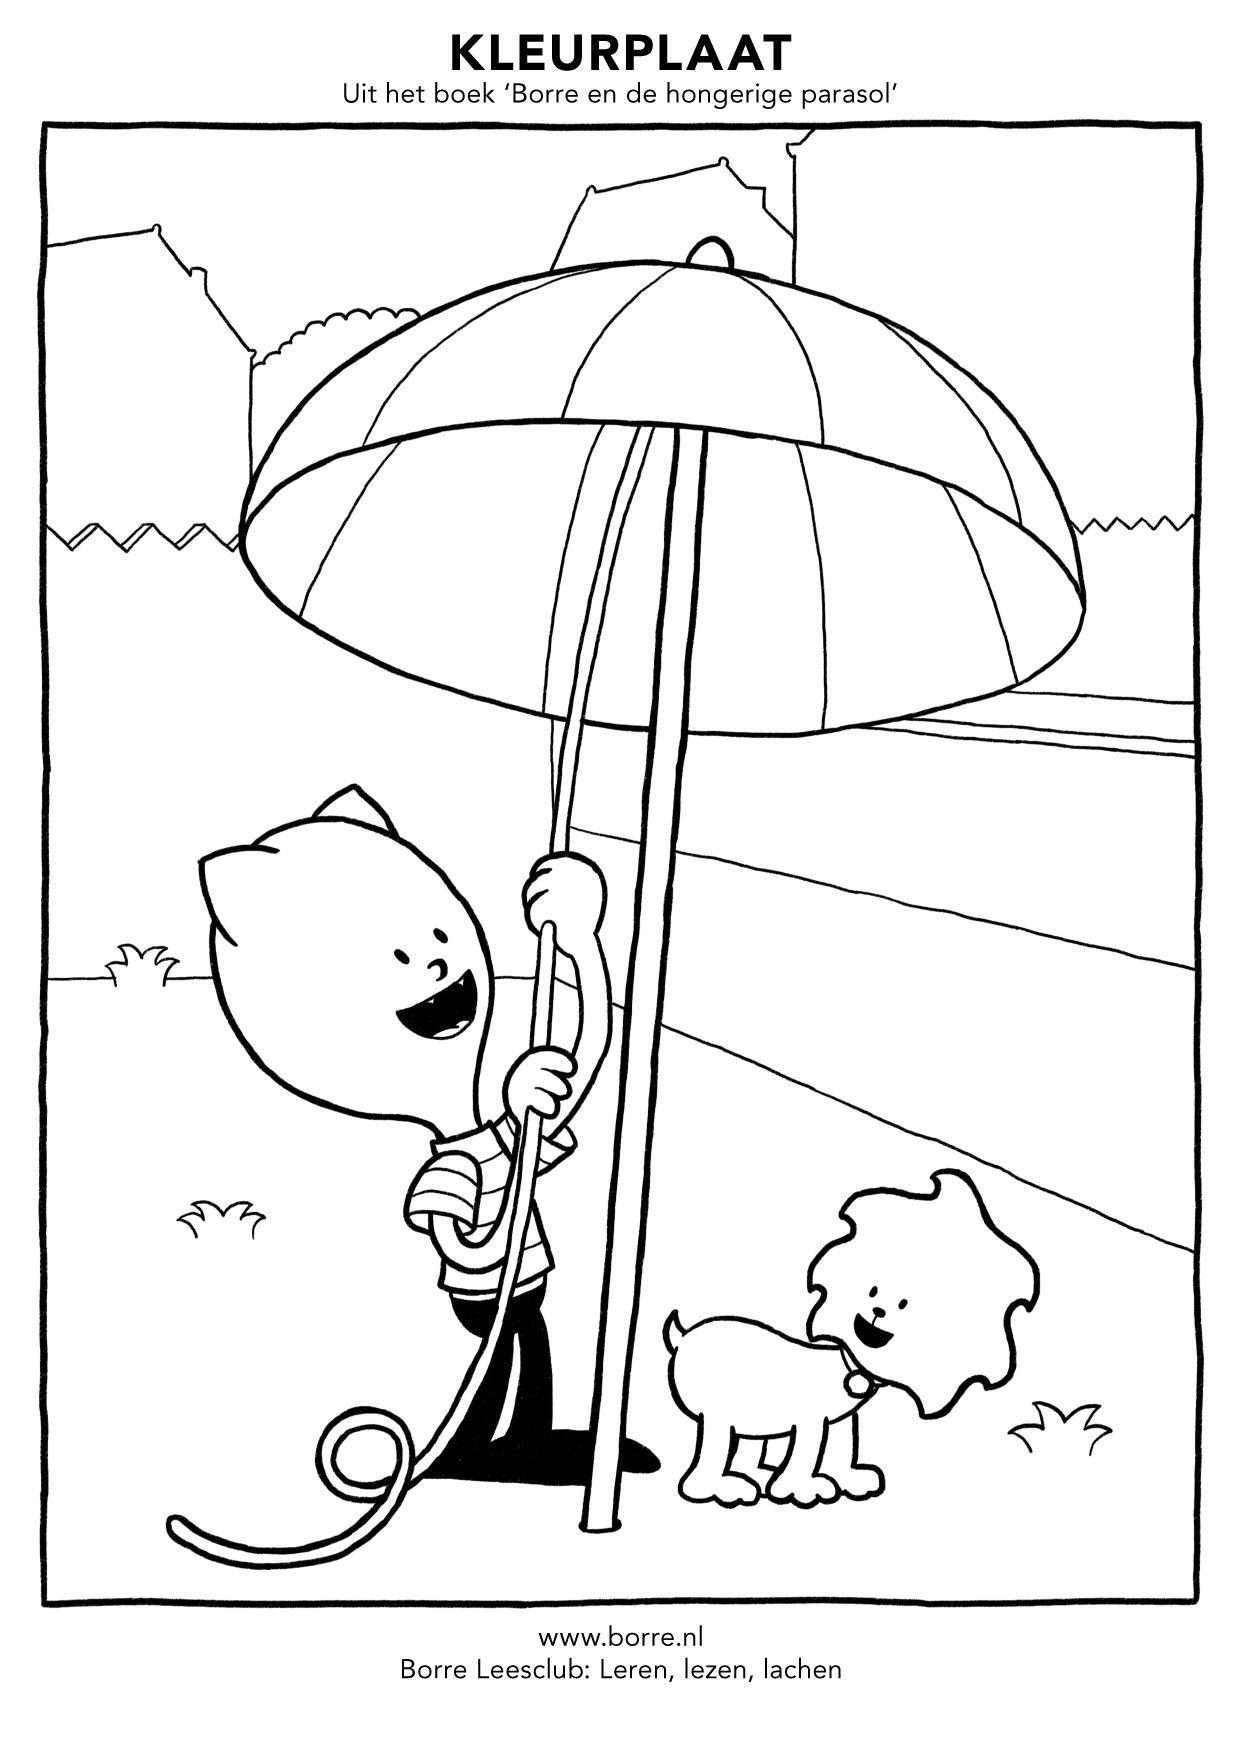 Uit Het Boek Borre En De Hongerige Parasol Kleurplaten In Hogere Kwaliteit Zijn Te Downloaden En Printen Vanaf Www Borre Nl Kleurplaten Kleurpotloden Prints